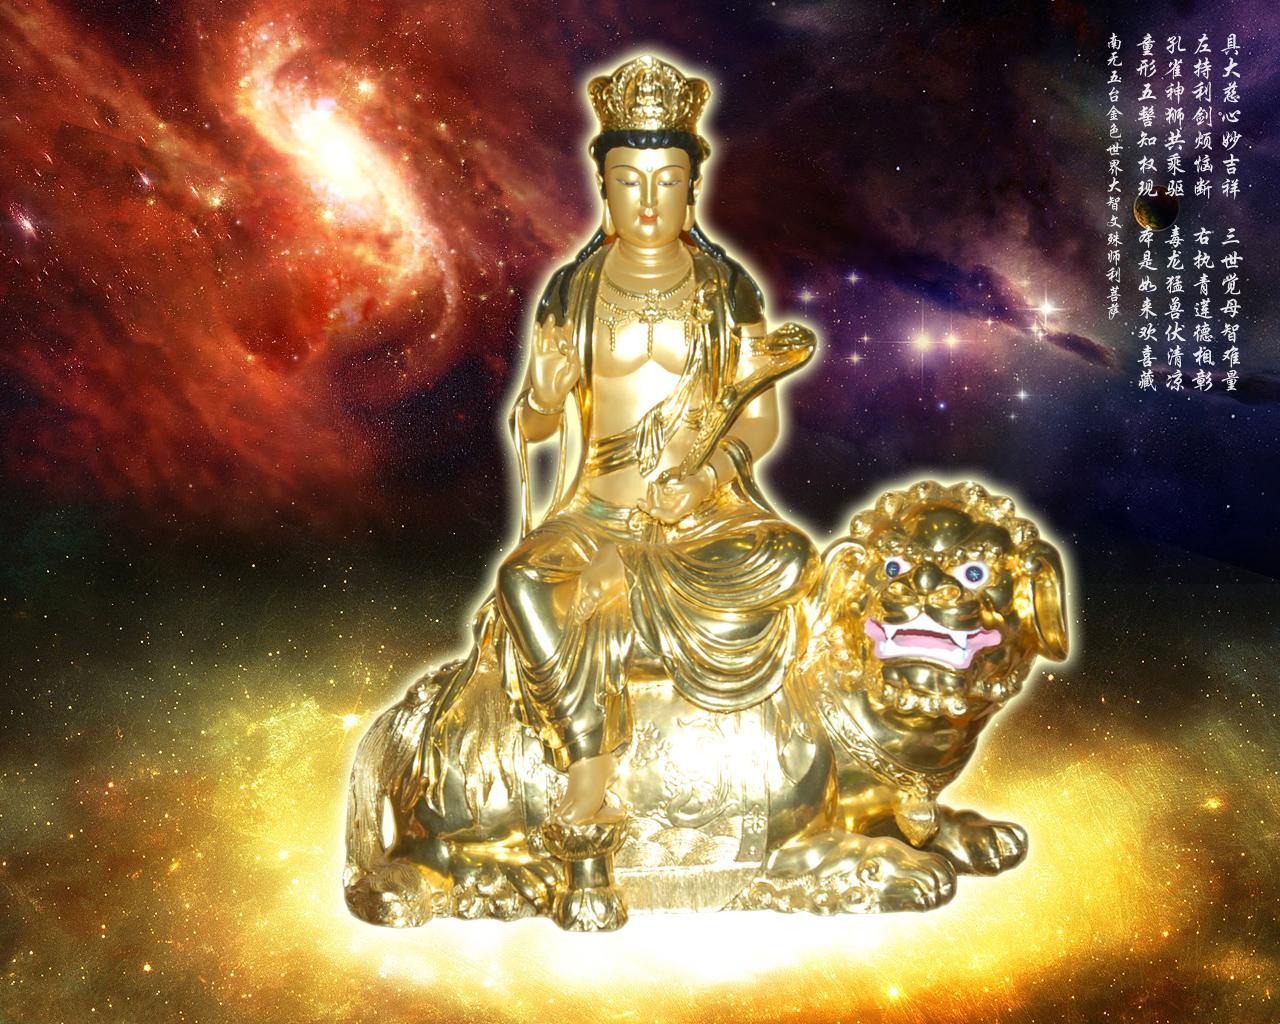 菩萨——佛教壁纸